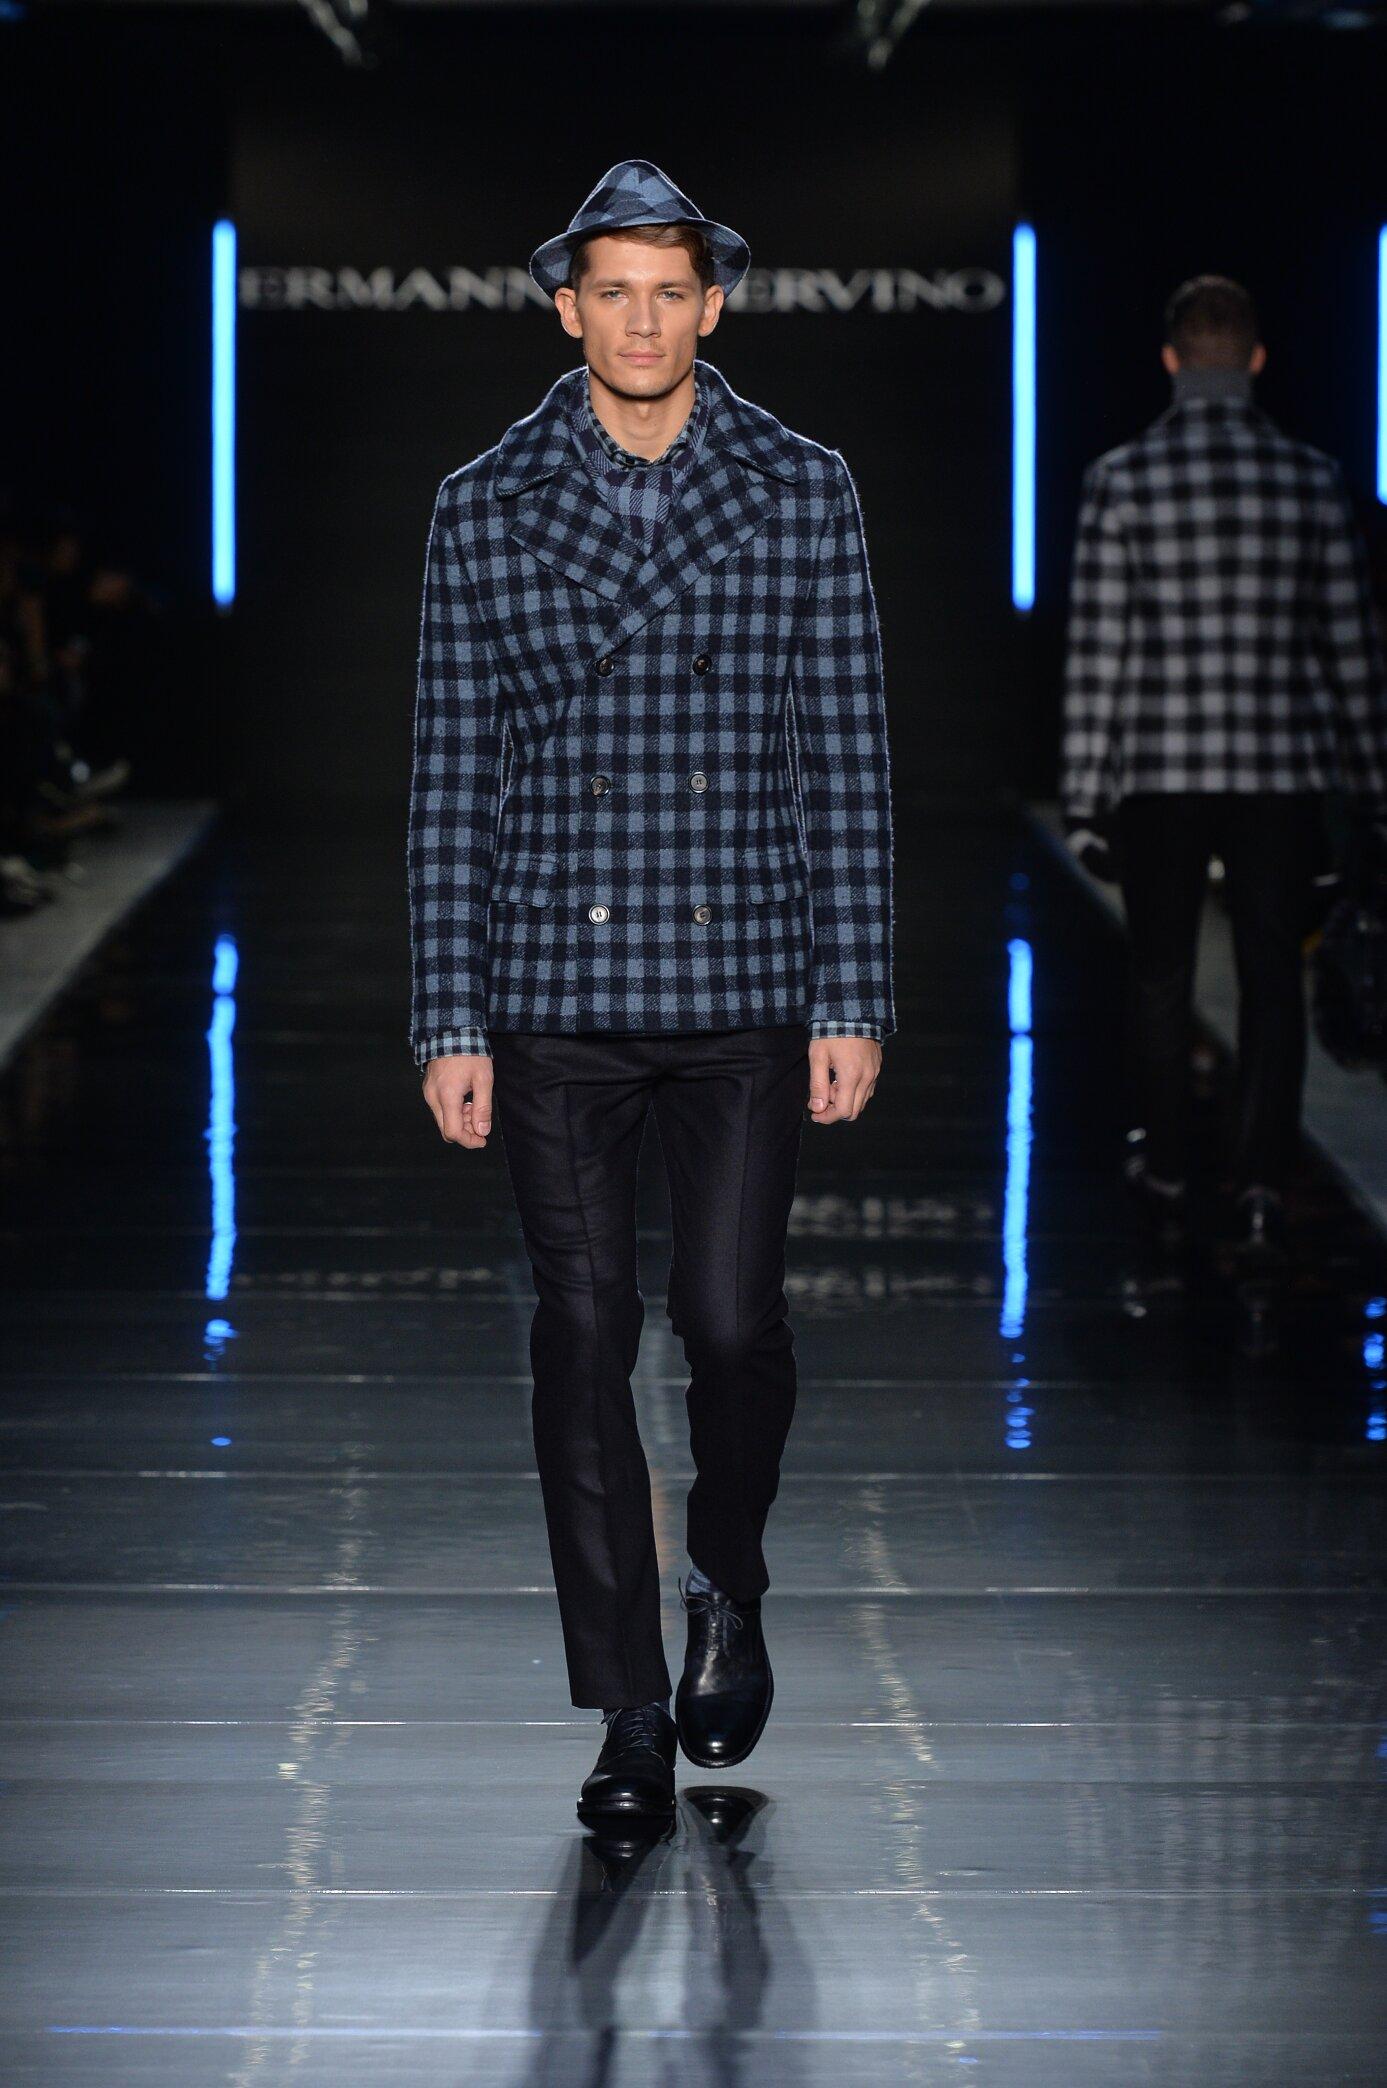 Winter 2014 Fashion Trends Ermanno Scervino